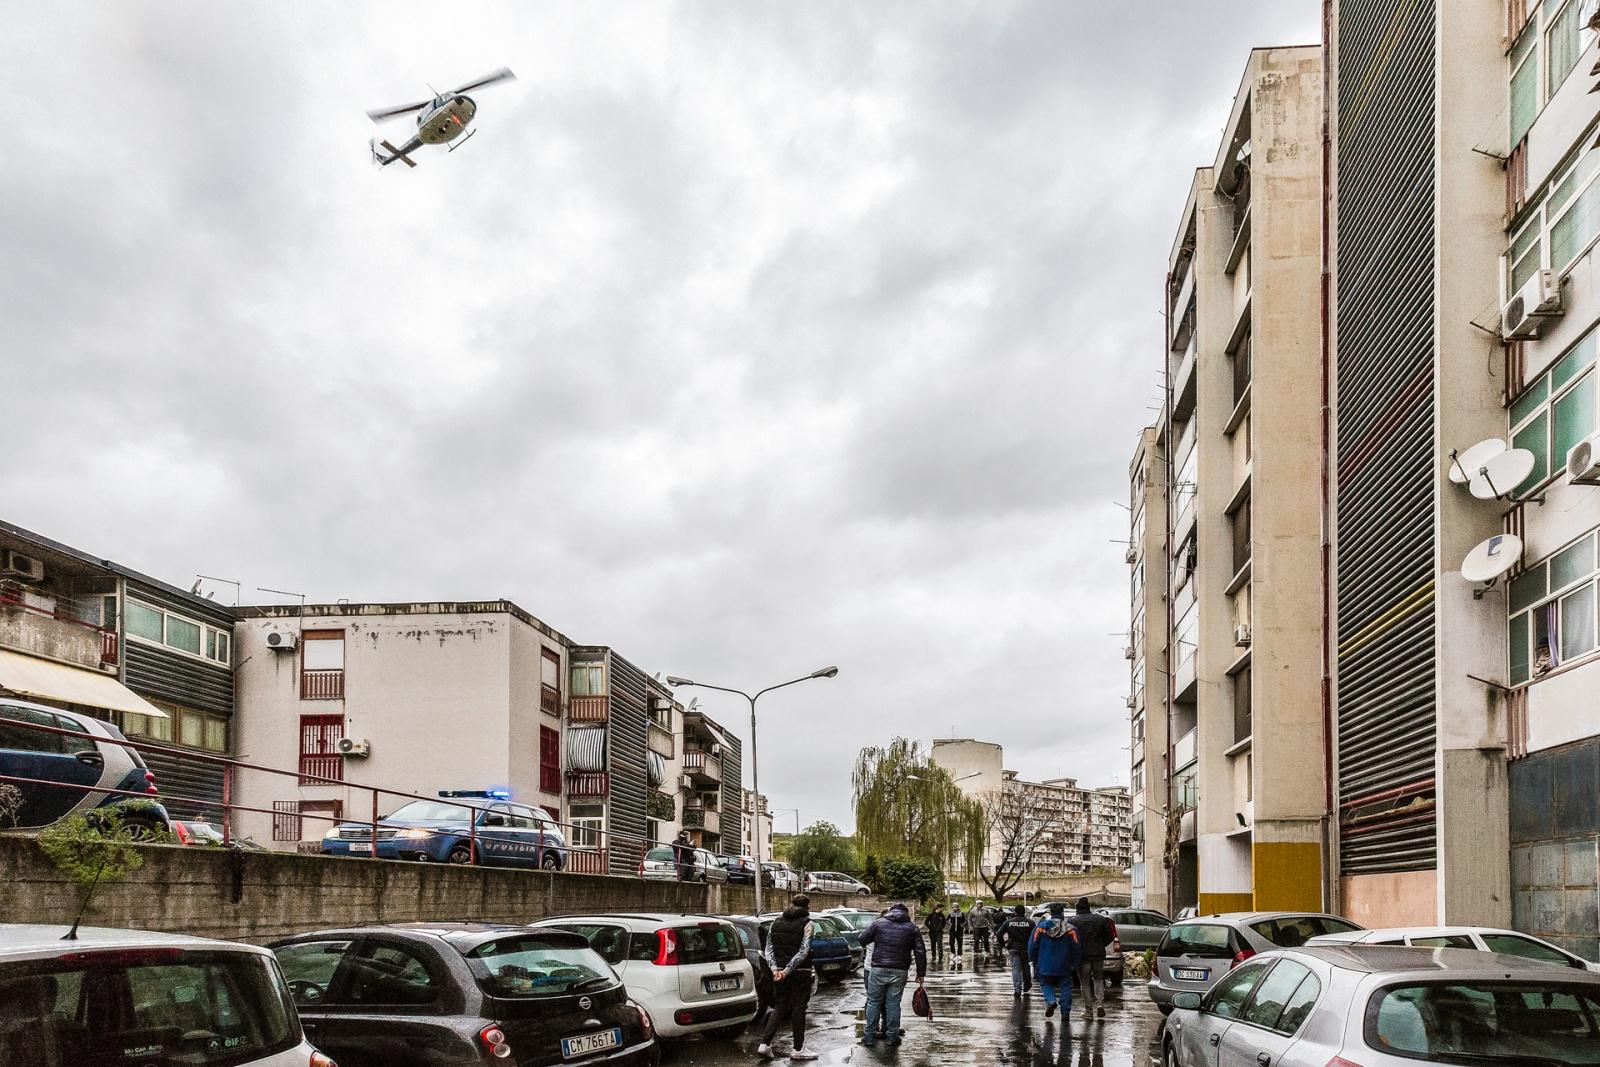 Inizio di un'operazione di polizia, Catania, 2015 – 2016. © Riccardo Colelli.